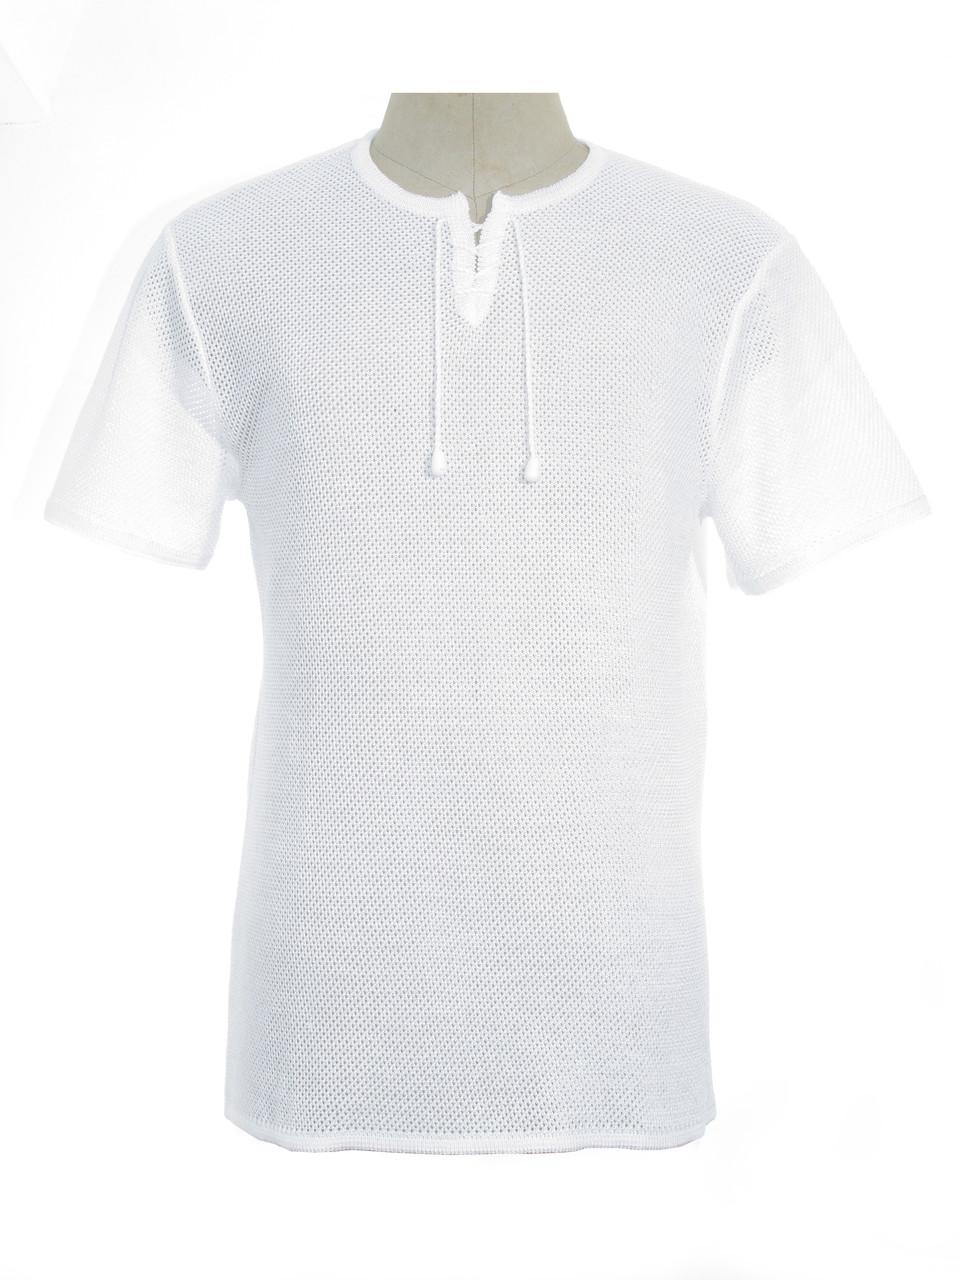 Мужская вязаная футболка 20308 (х/б)